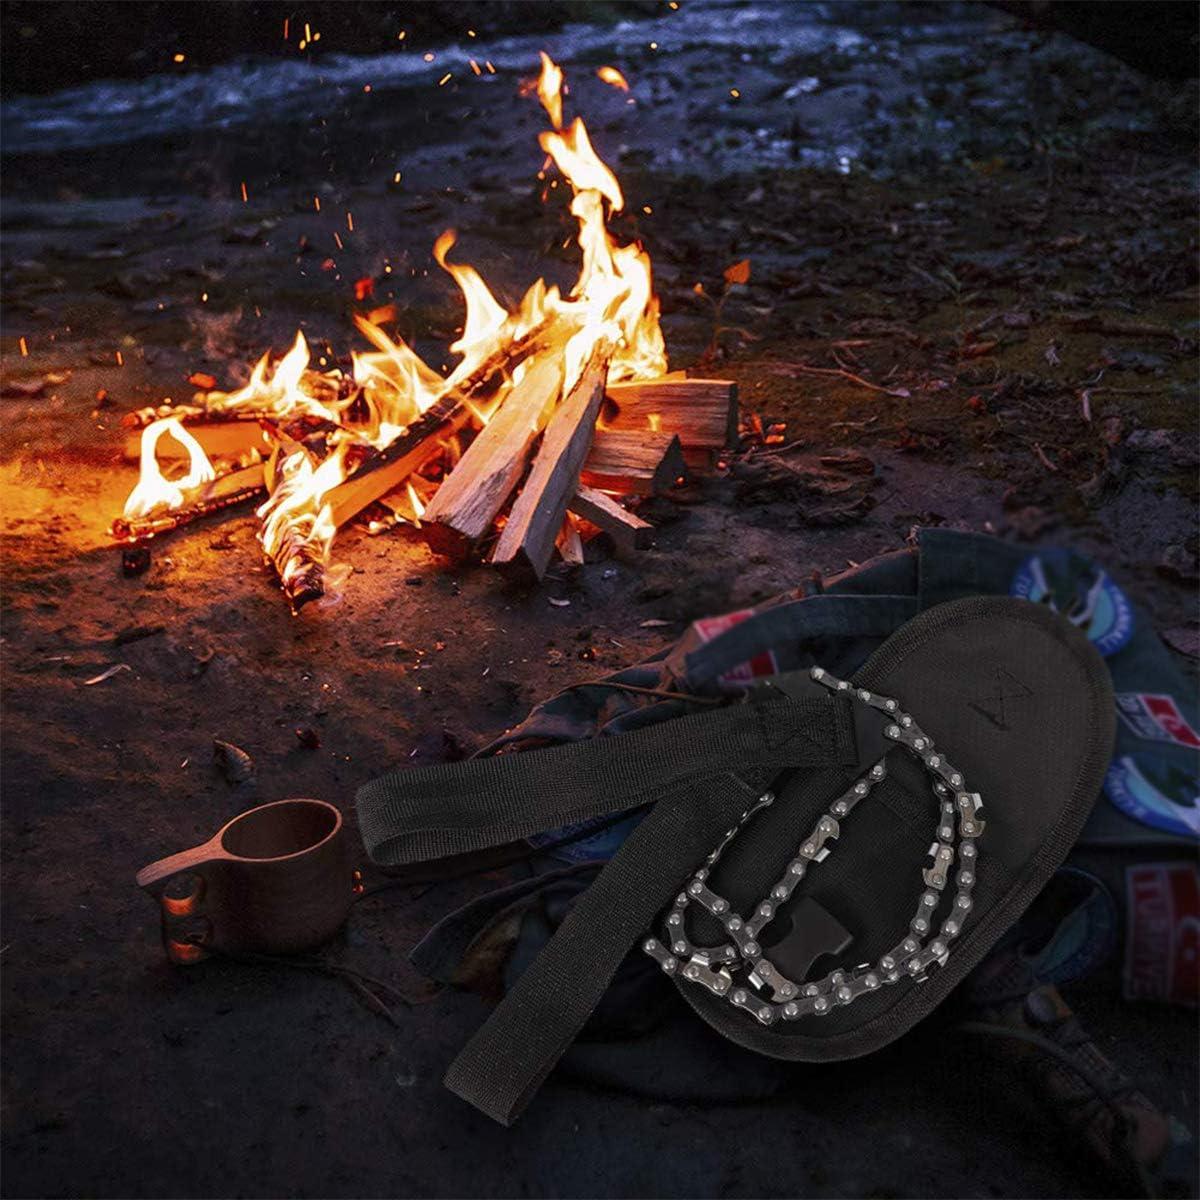 Scie /à cha/îne de survie Scie /à cha/îne de poche portable de survie Scie /à cha/îne durgence avec sac de camping Outil de randonn/ée